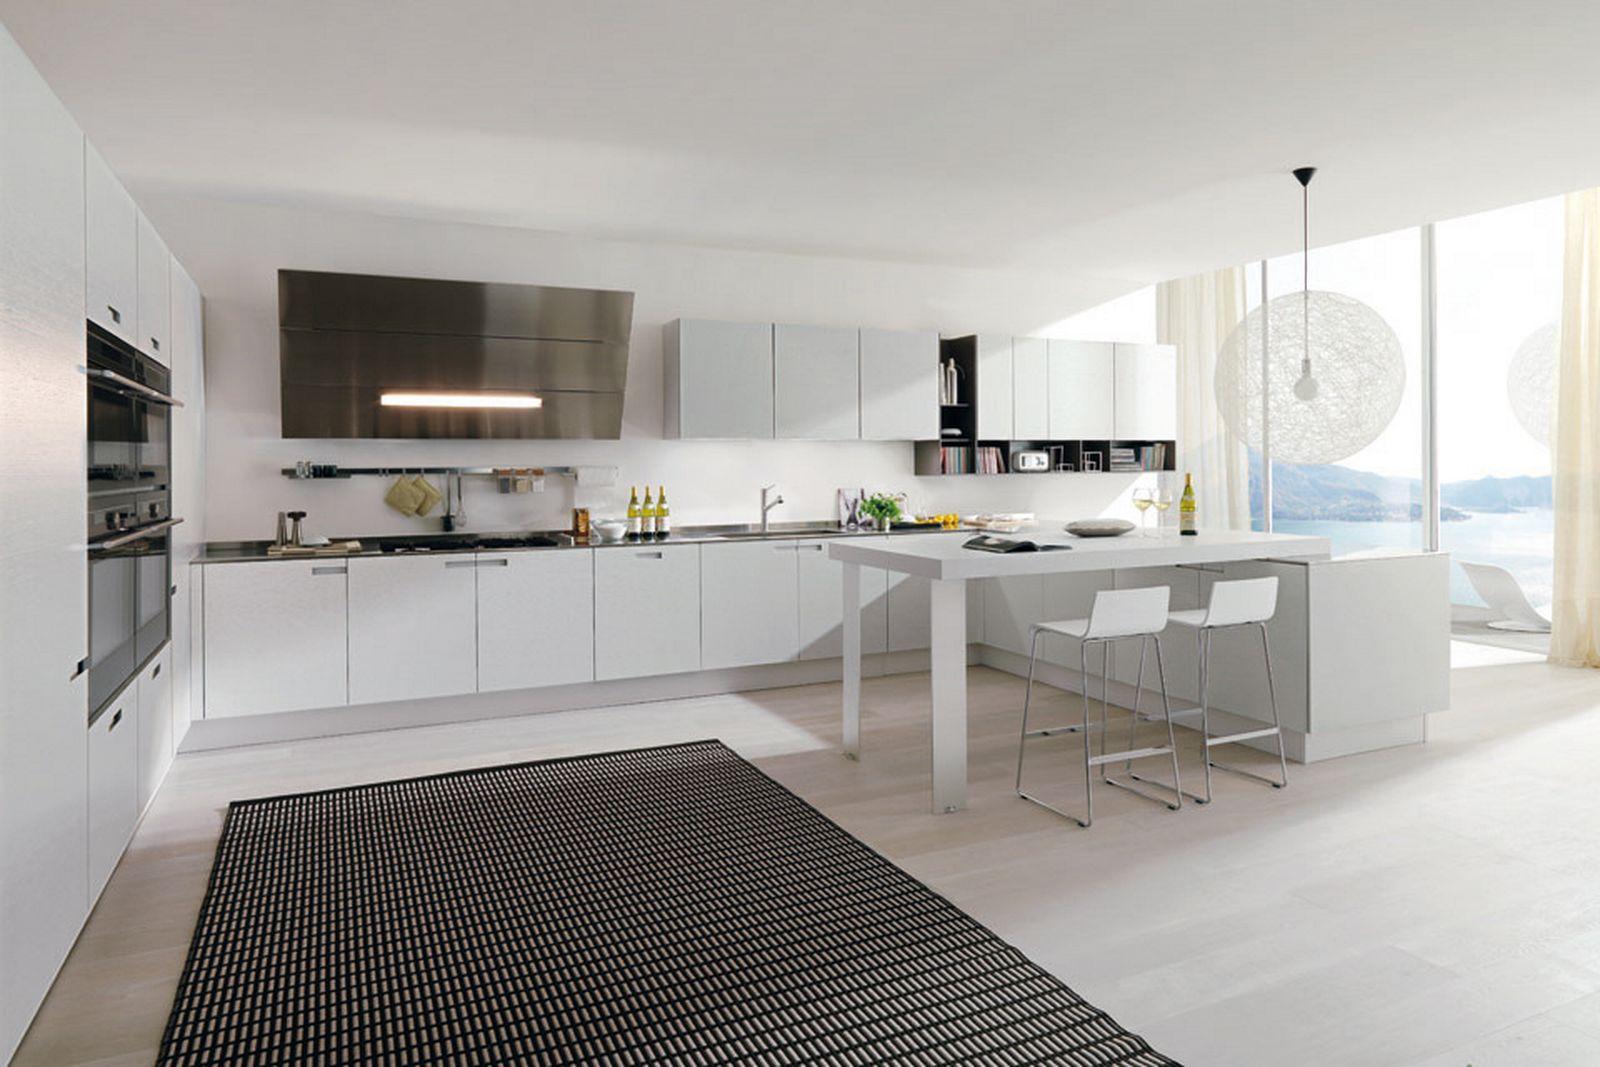 White Kitchen Interior photo - 5